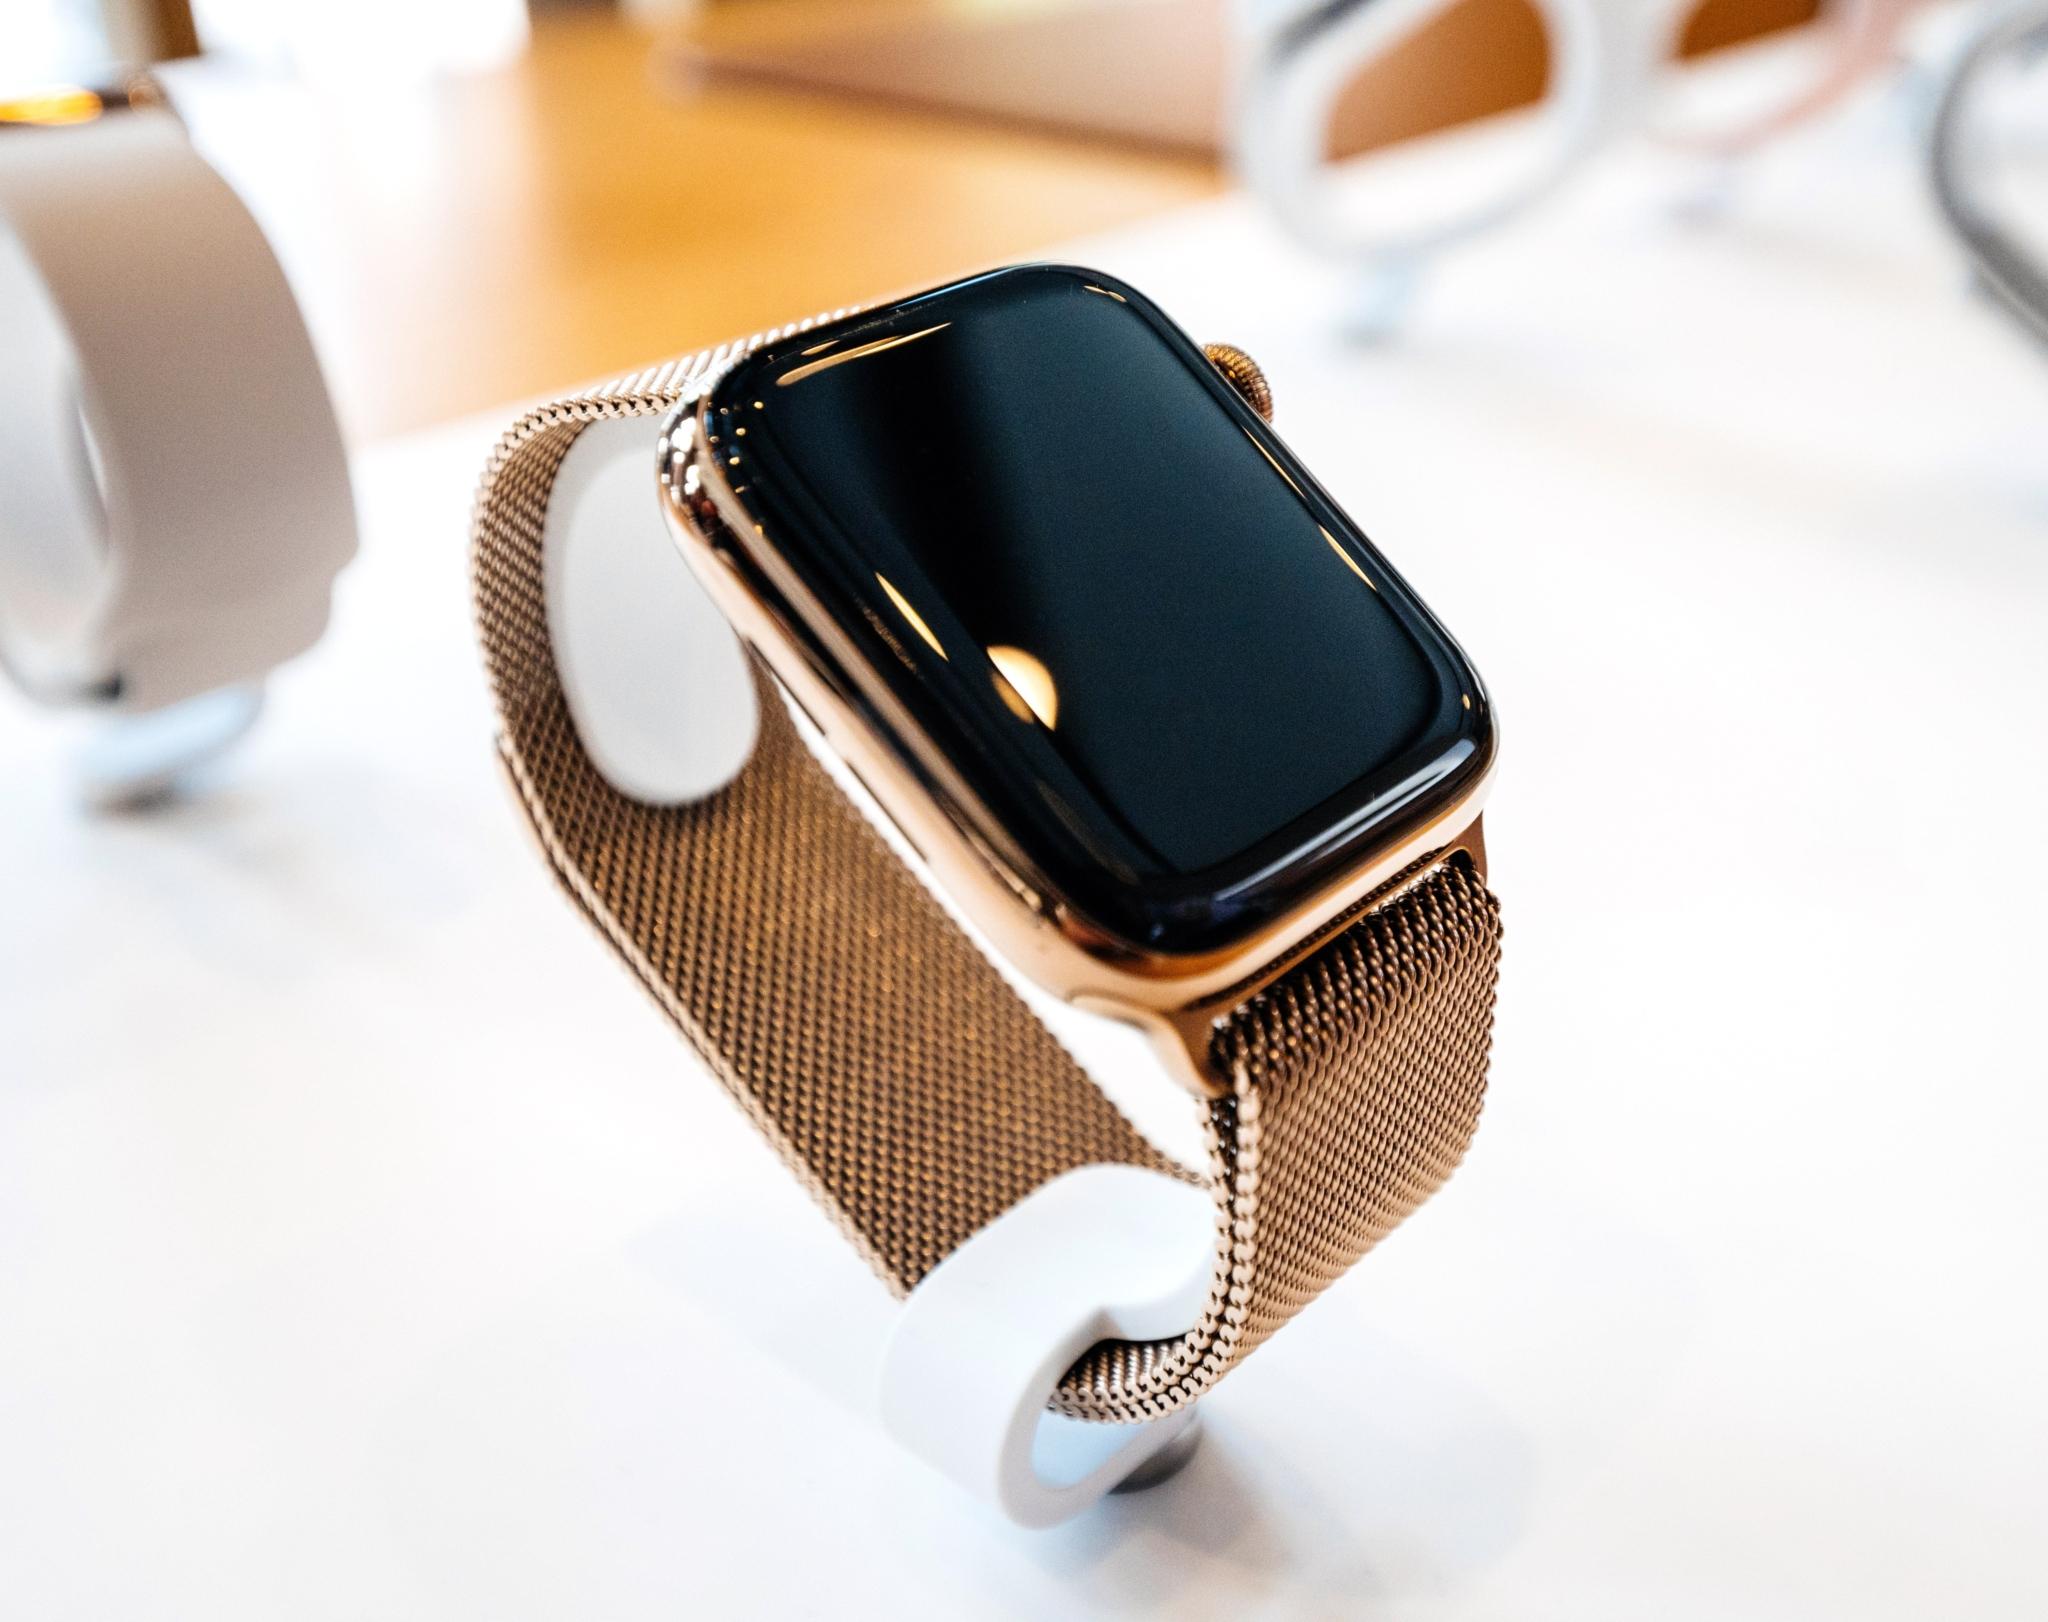 Apple Watch by se údajně mohly dočkat fotoaparátu